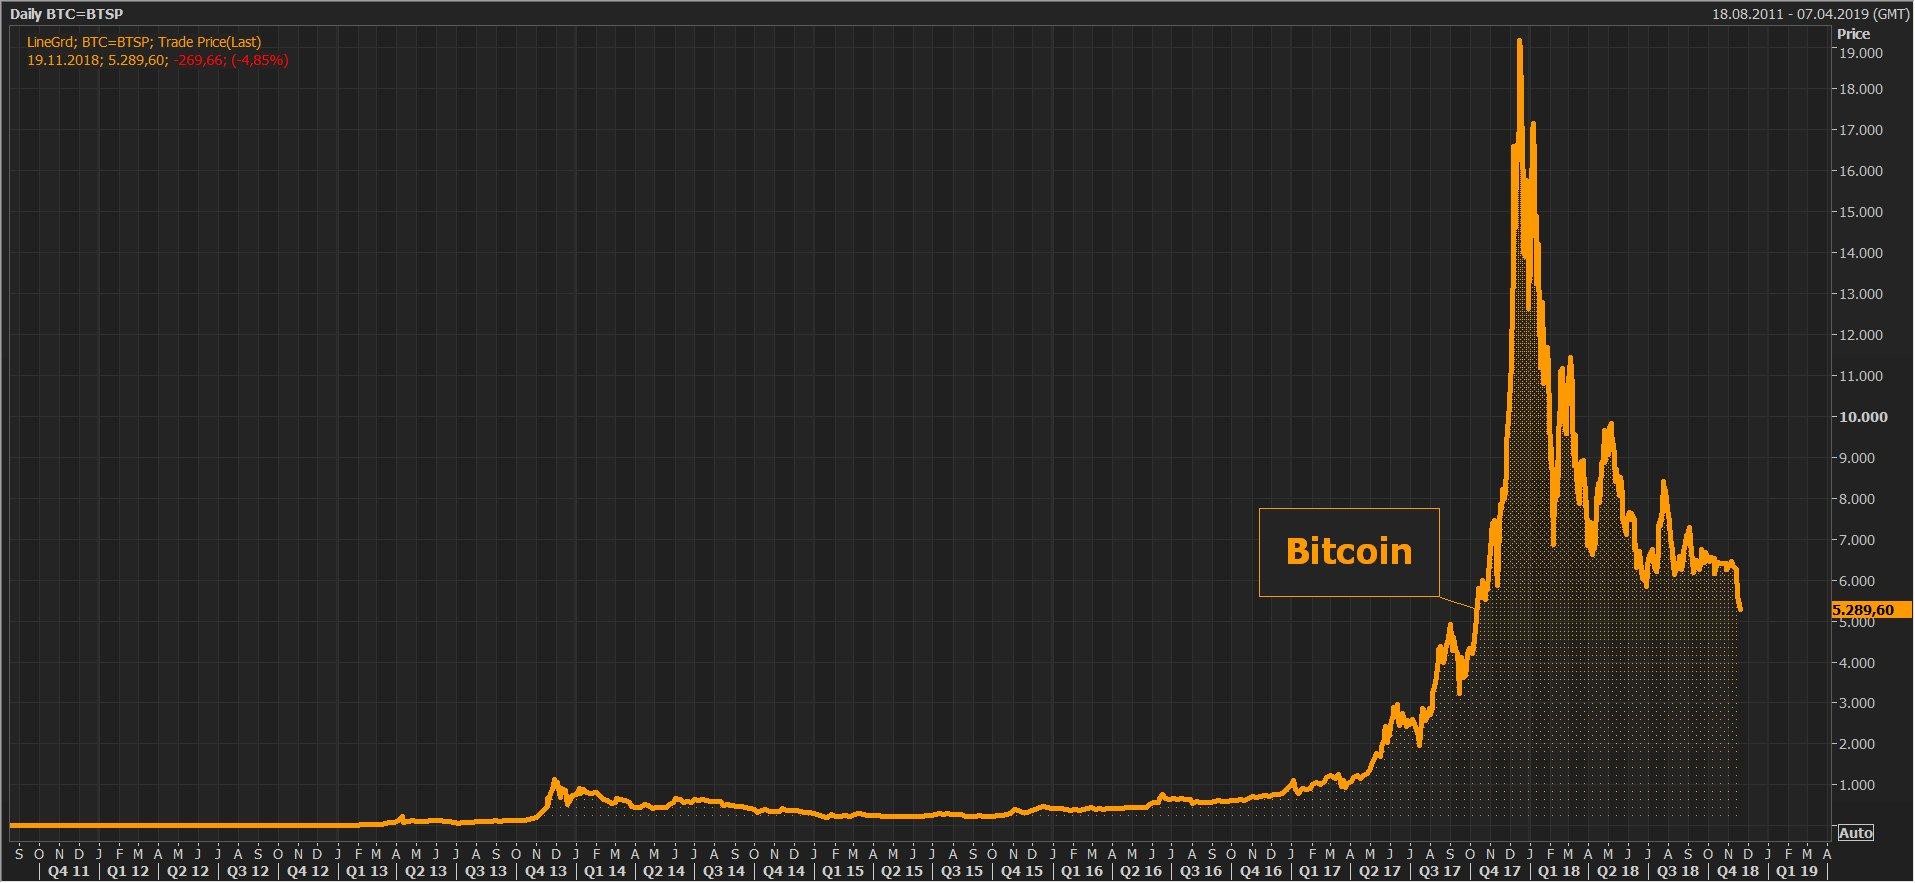 Warning: La dégringolade se poursuit pour le Bitcoin. Il tutoie dorénavant les 5300$, soit un plus bas de 13 mois !